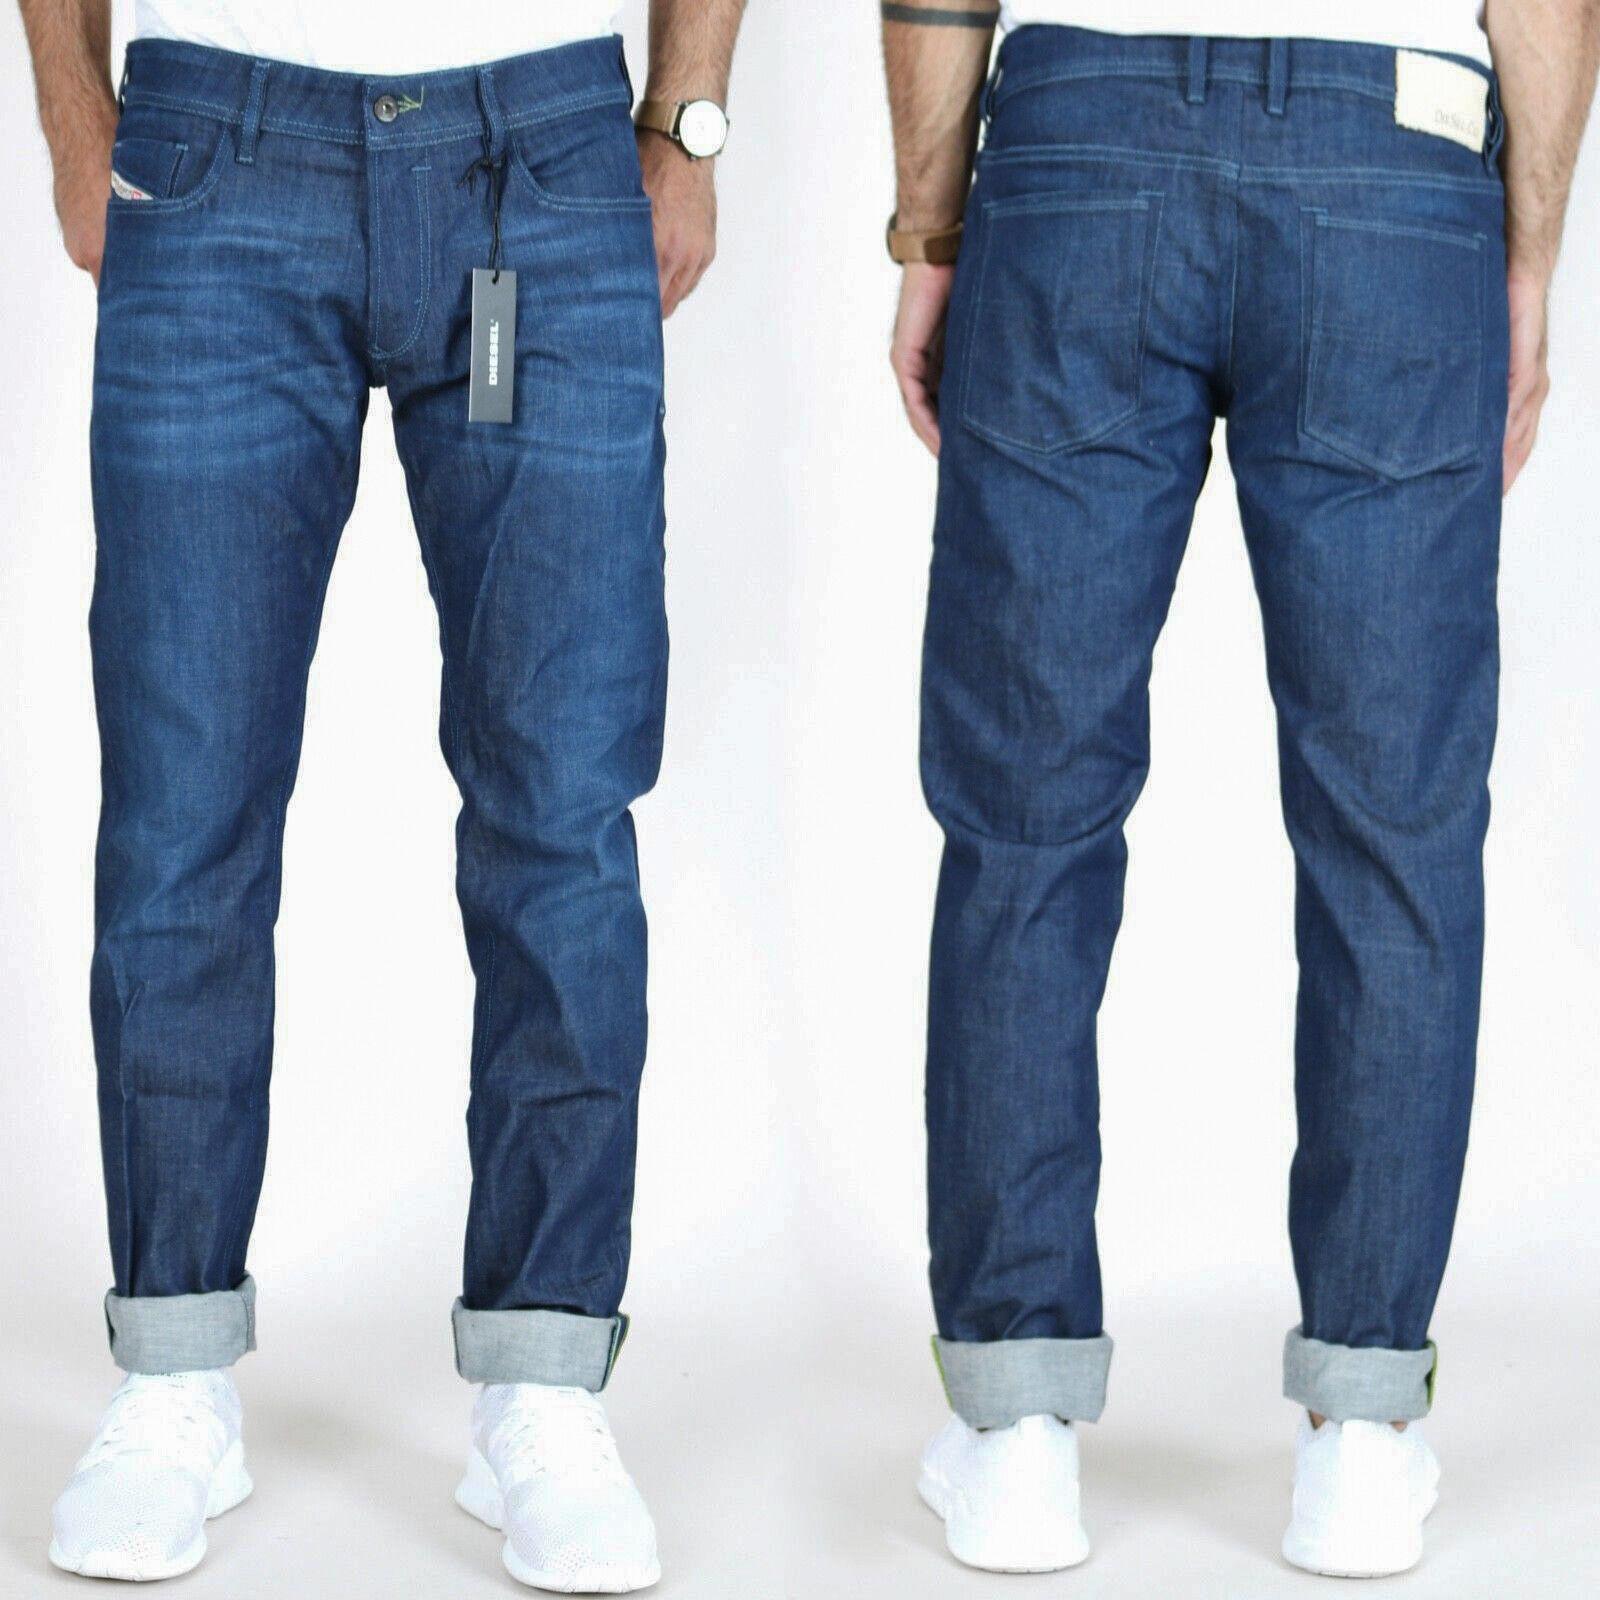 Diesel Herren Röhren-Jeans-Hose   Sleenker Skinny Fit Fit Fit   Stretch   W32 L32 | Hat einen langen Ruf  | Good Design  | Öffnen Sie das Interesse und die Innovation Ihres Kindes, aber auch die Unschuld von Kindern, kindlich, glücklich  | Verrückter Preis, Bi d5169a